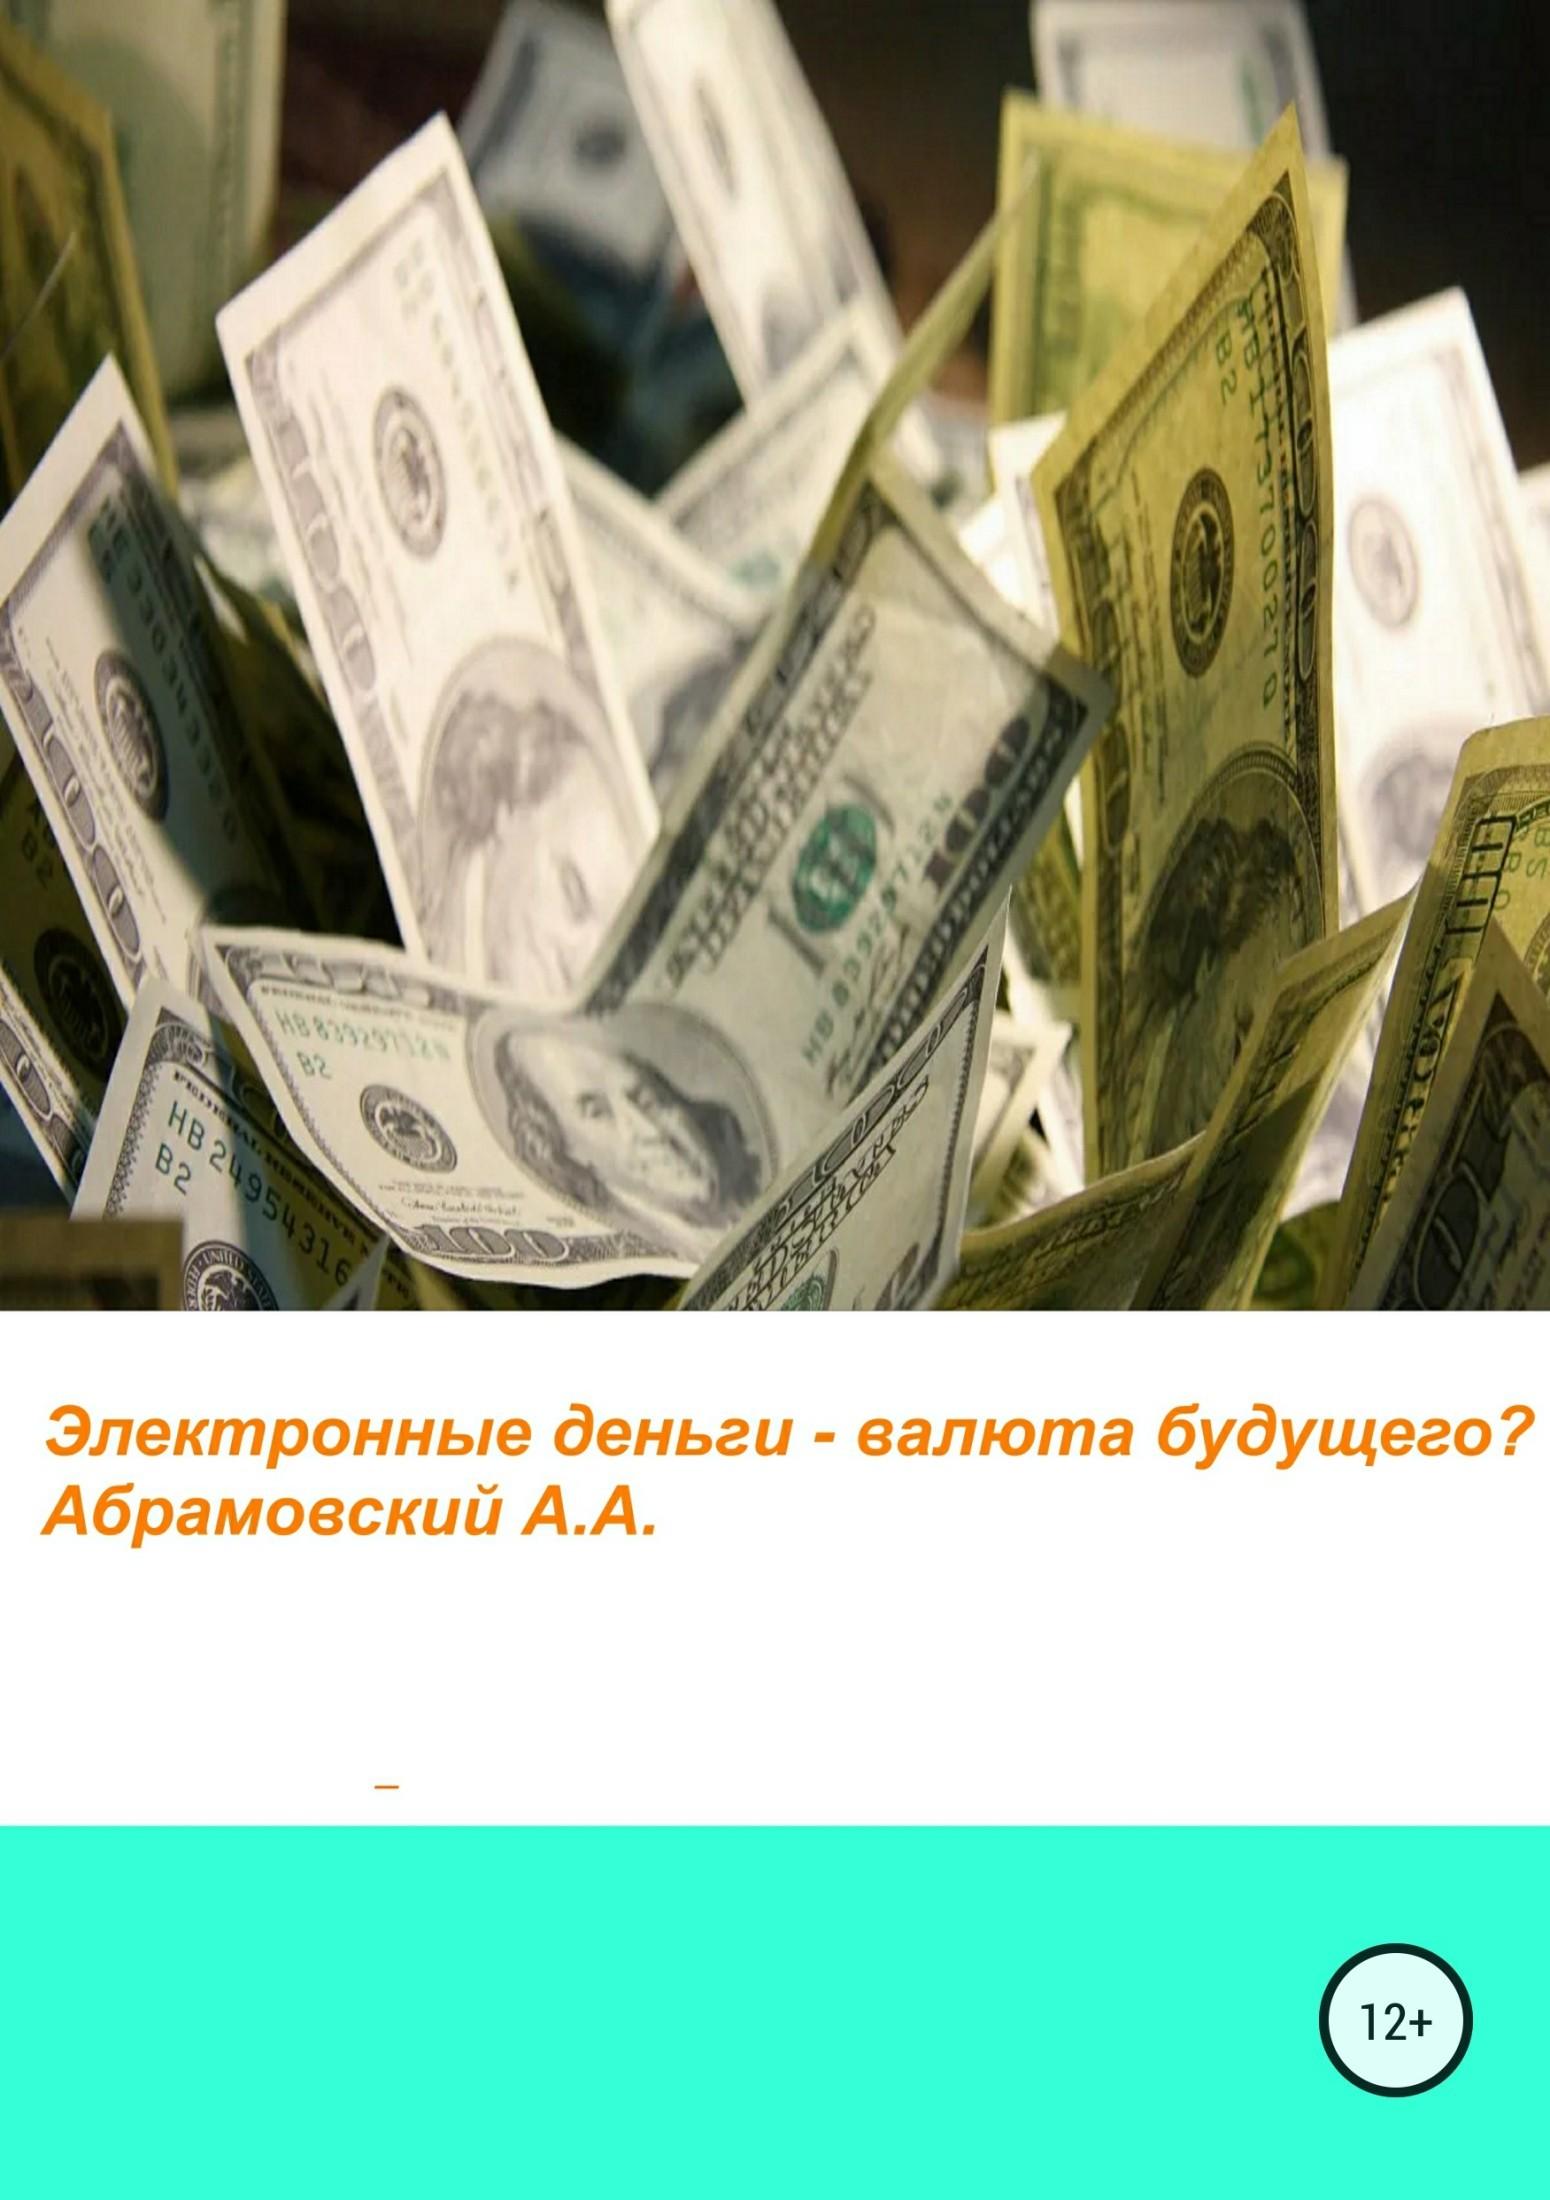 Электронные деньги – валюта будущего?